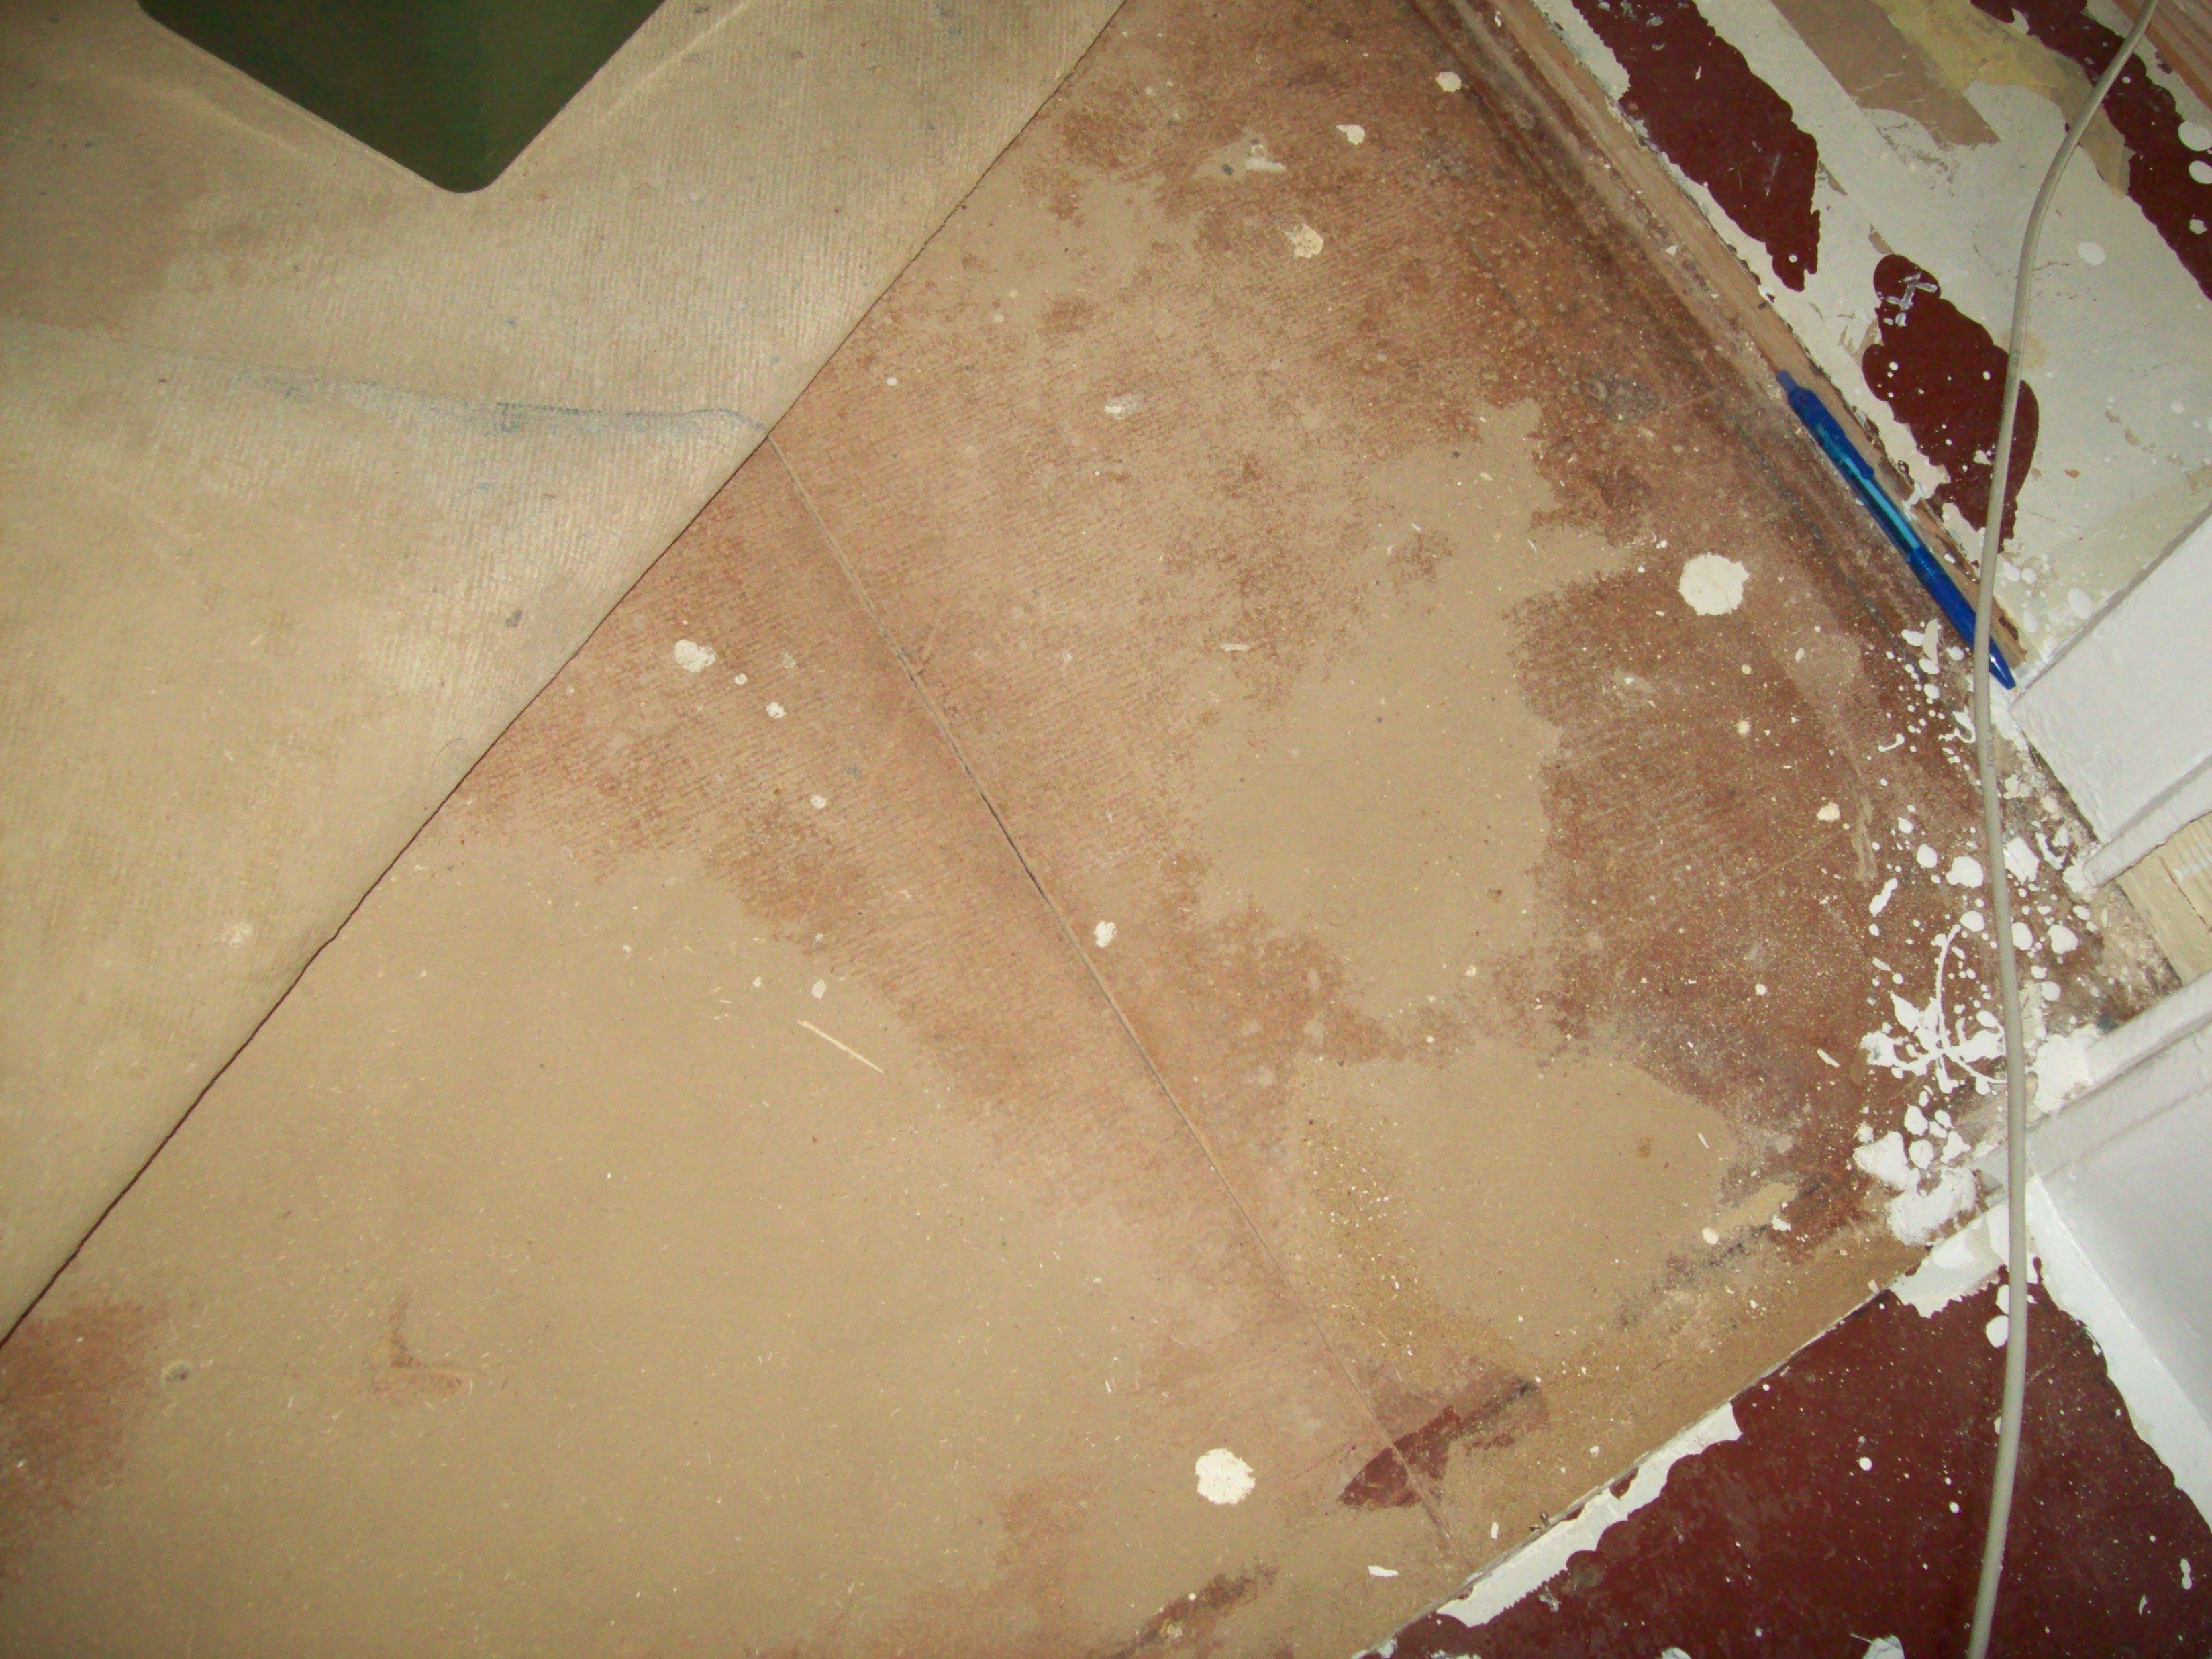 Holzfußboden Ausgleichen Für Laminat ~ Holzfussboden ausgleichen holzbaden unebenen holzboden alten fur